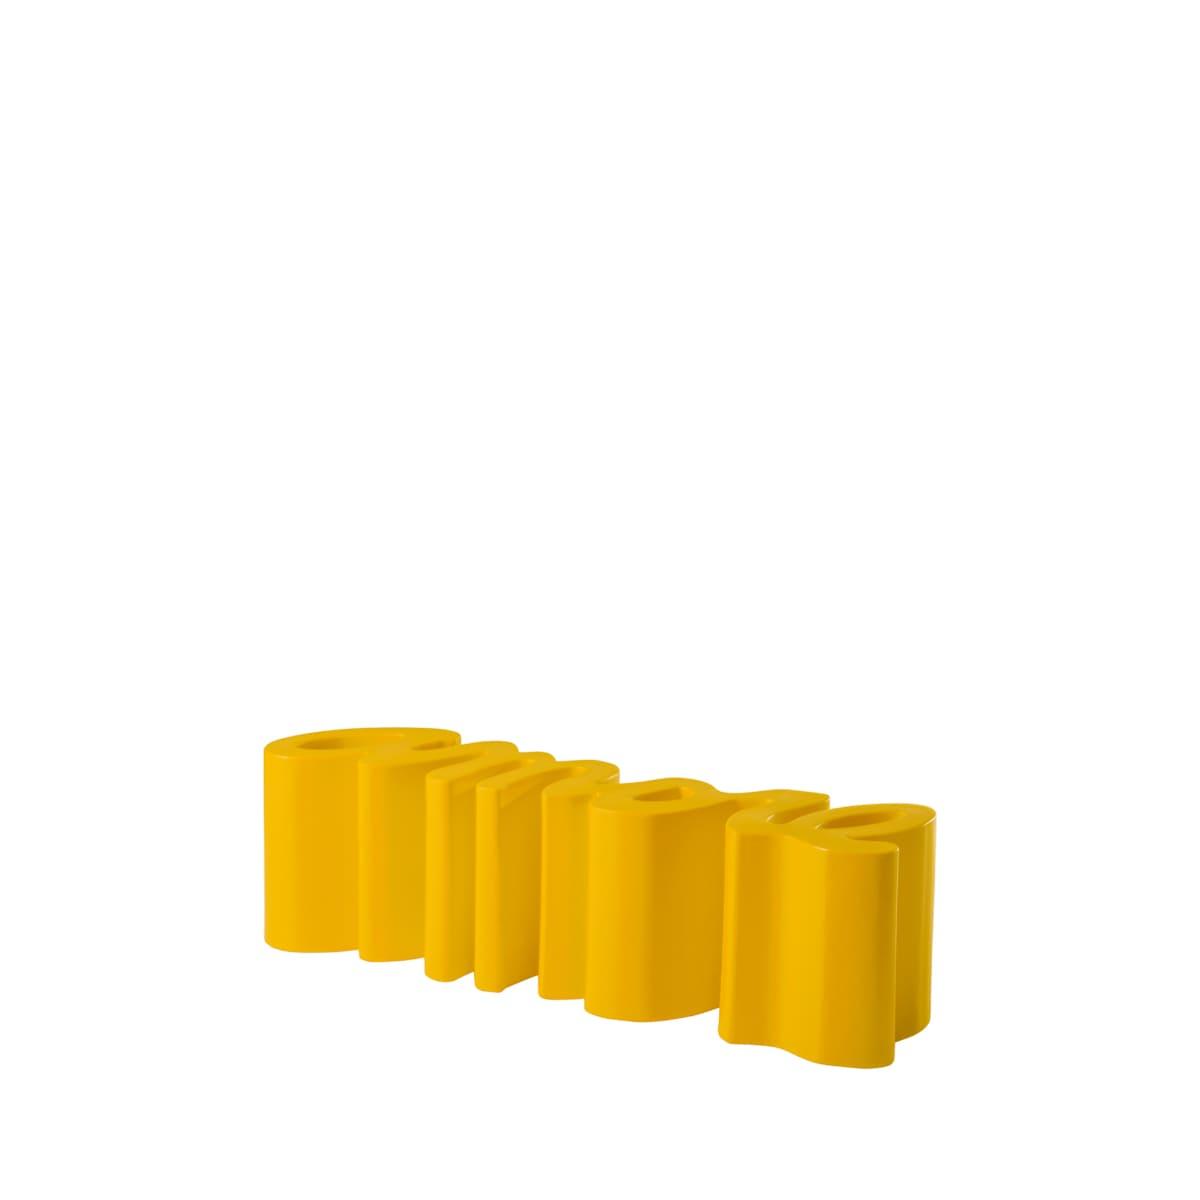 gartenbank modern sitzbank garten gelb - Ausgefallene Designer Bank für den Garten